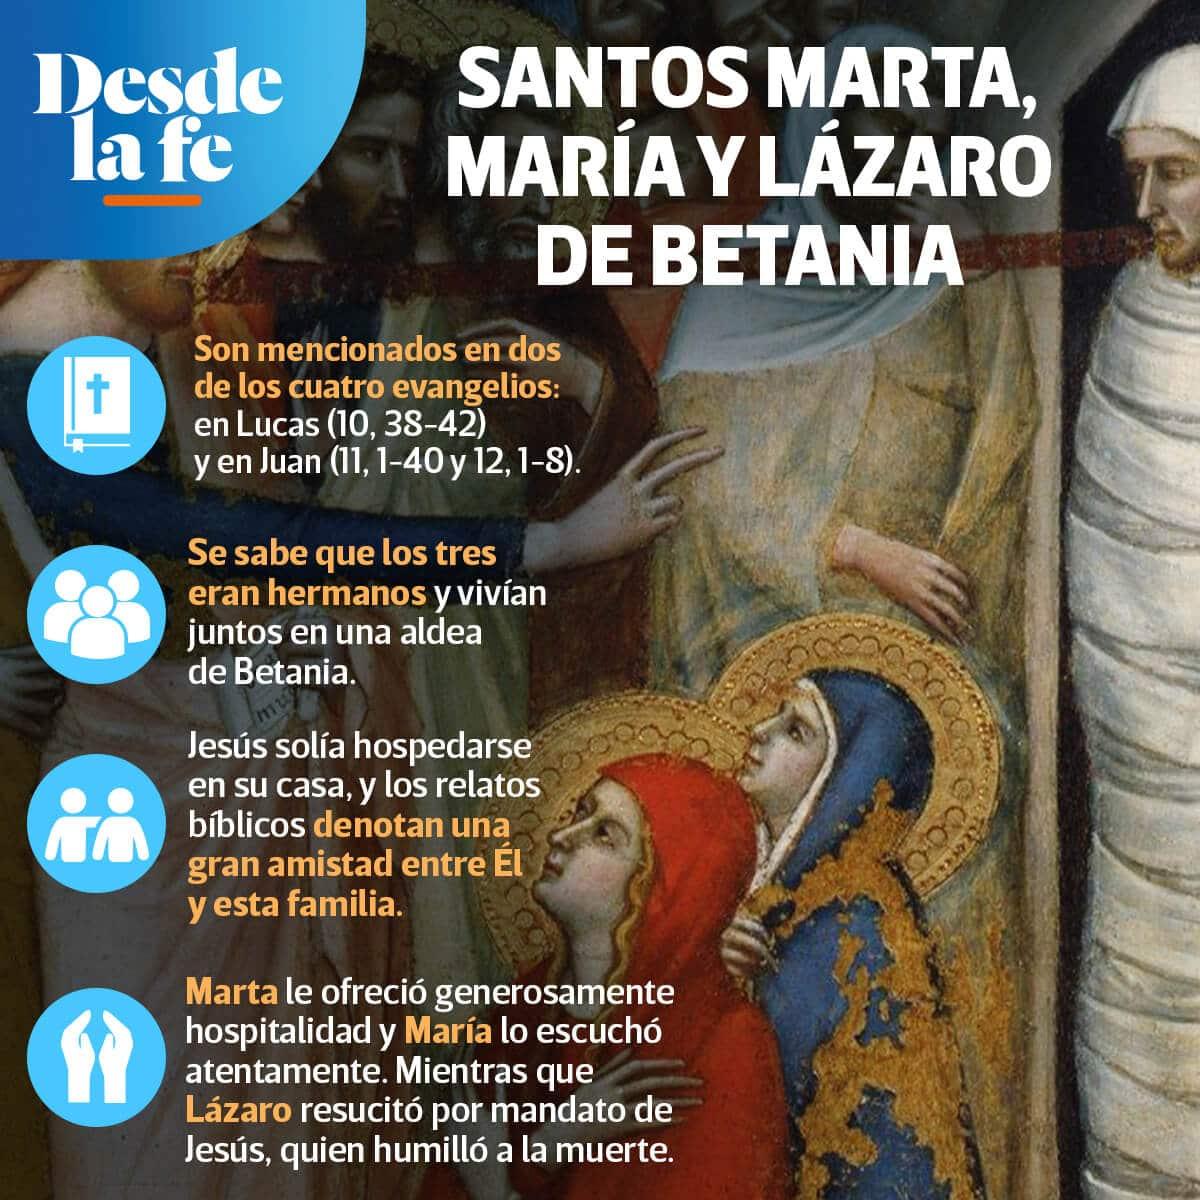 Los Santos Marta, María y Lázaro.